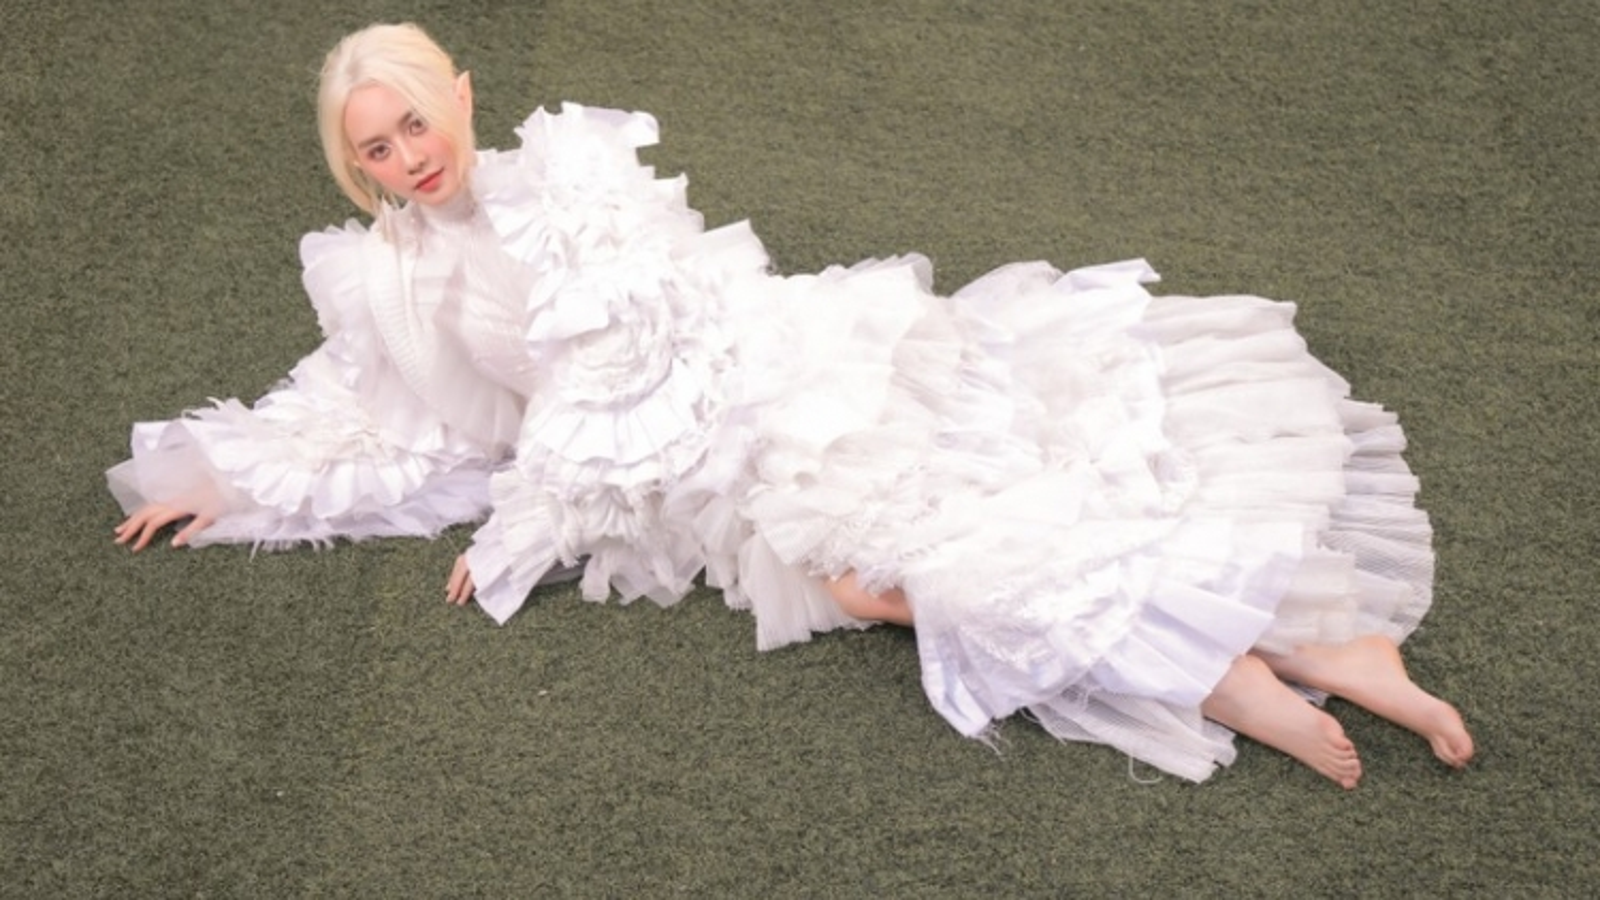 Thiều Bảo Trang hóa thân thành nàng tiên tóc trắng trong bộ ảnh mới